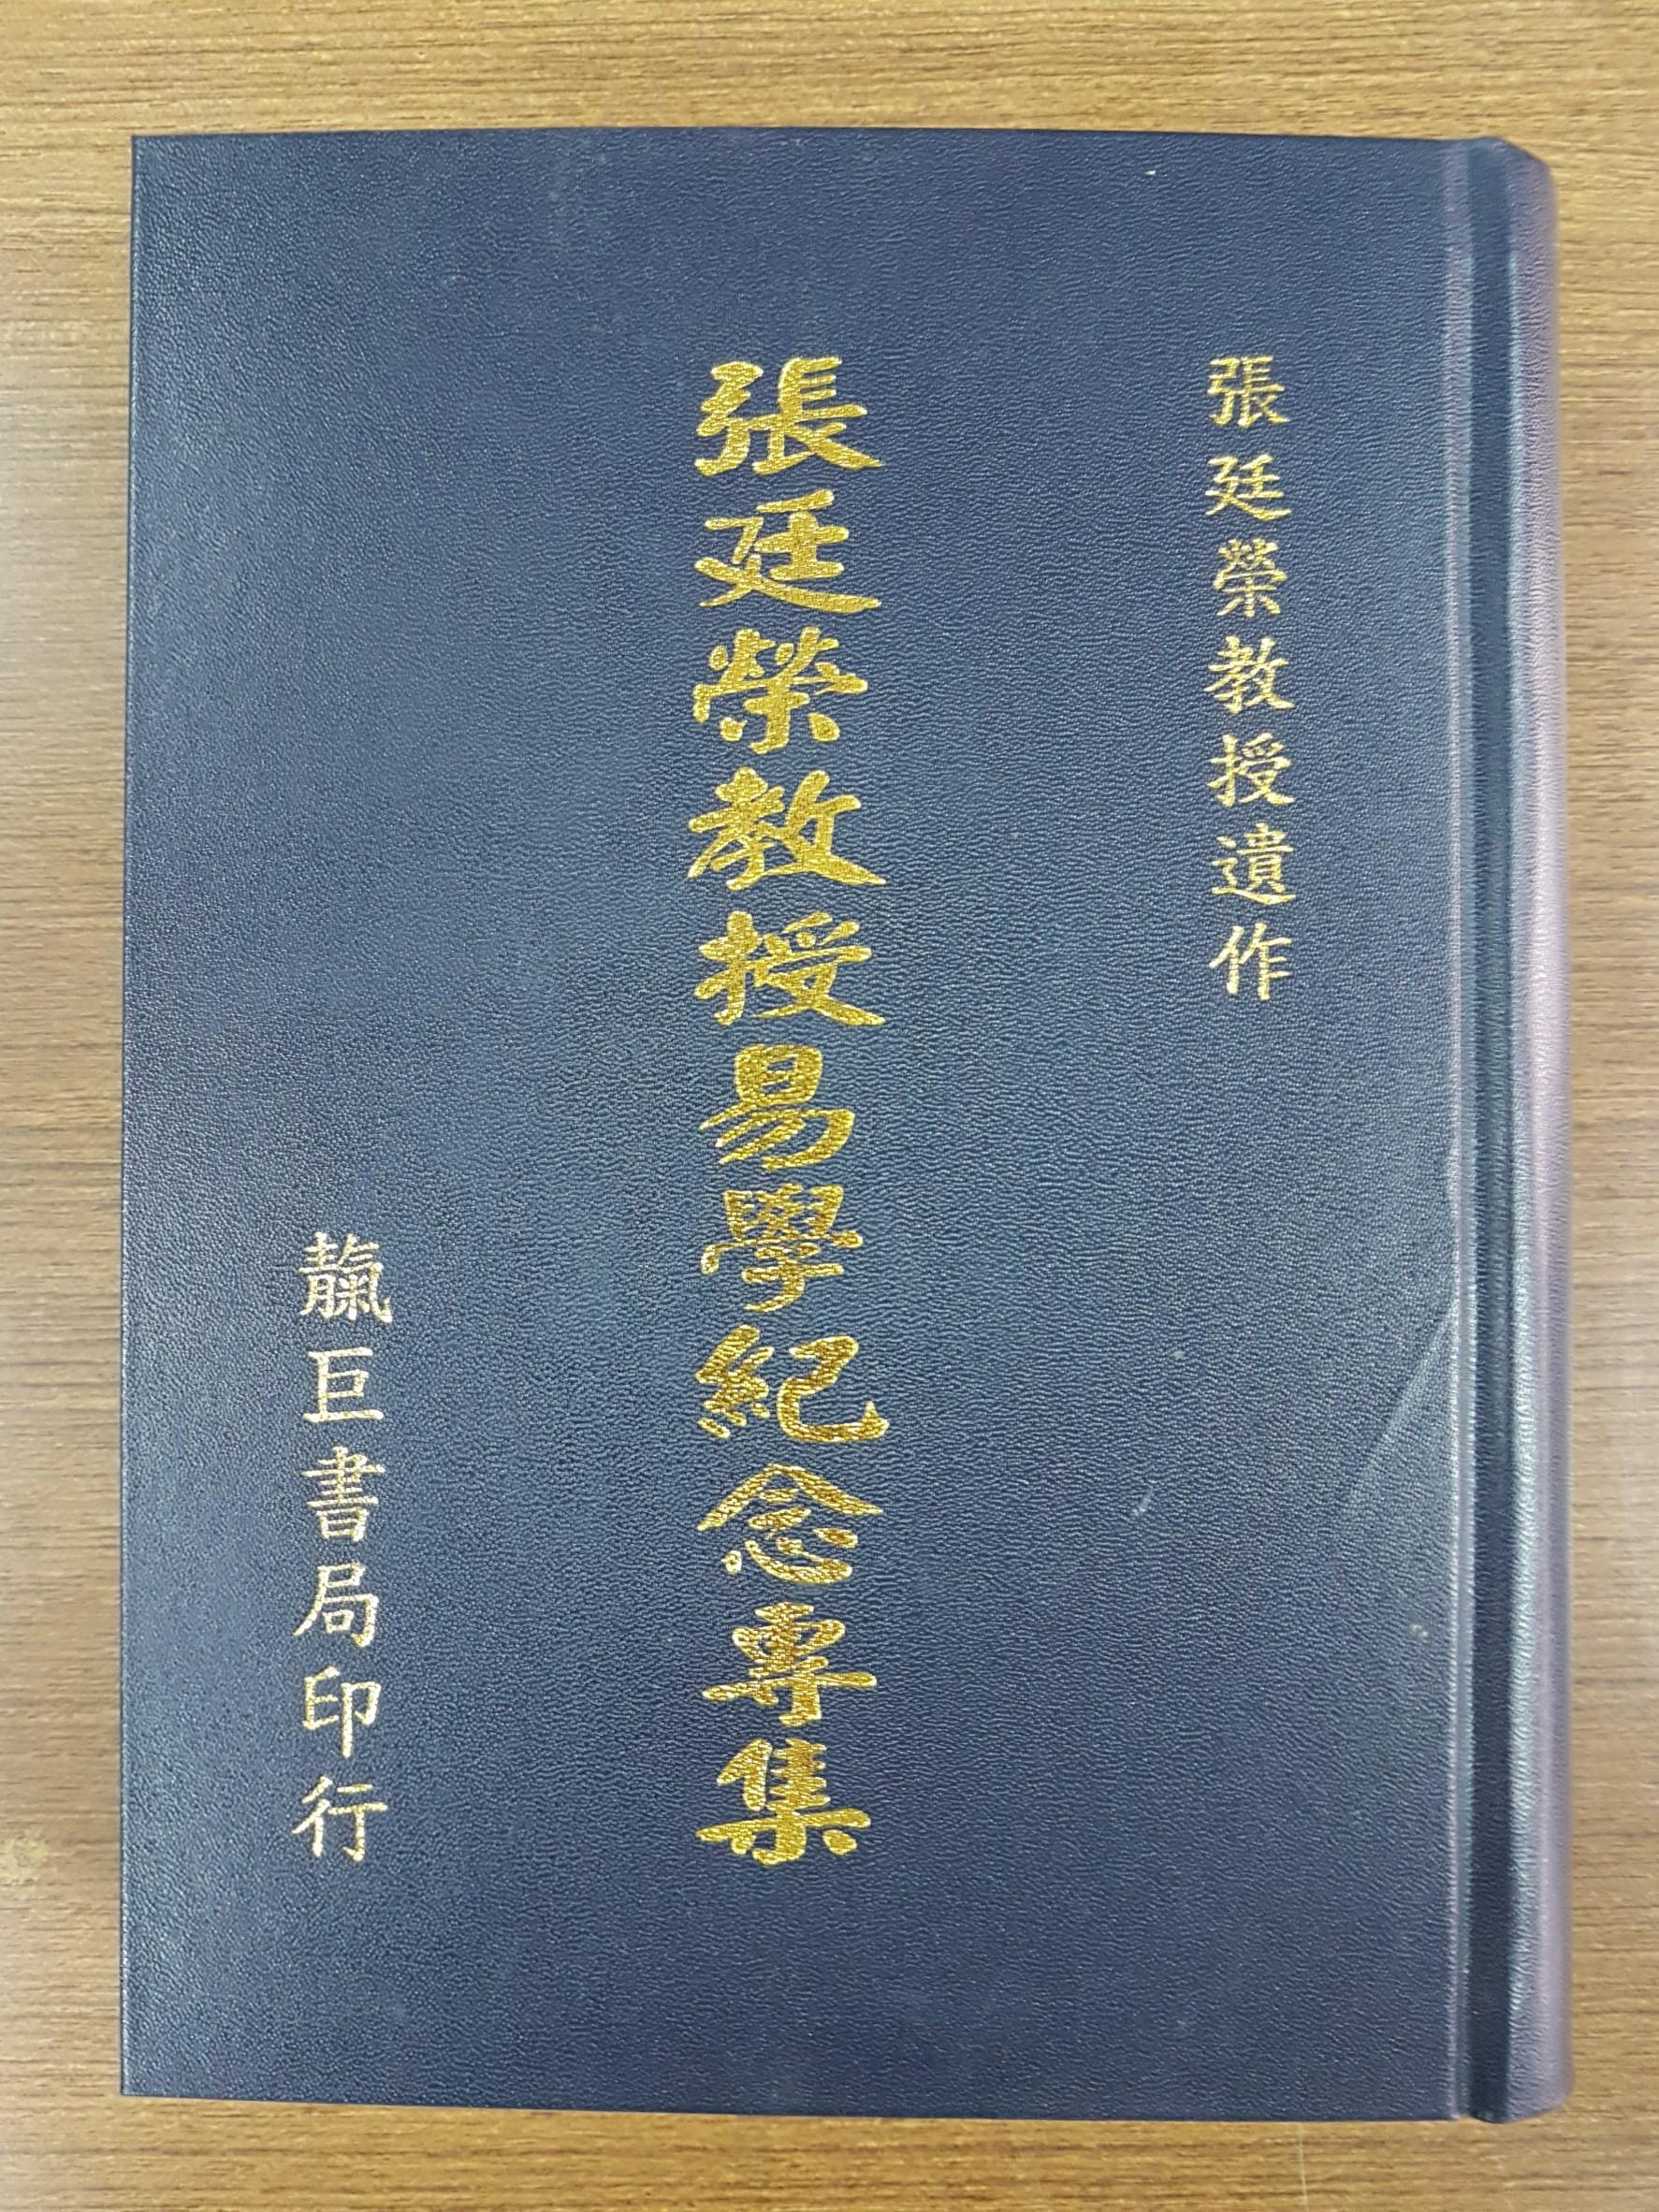 張廷榮教授易學紀念專集